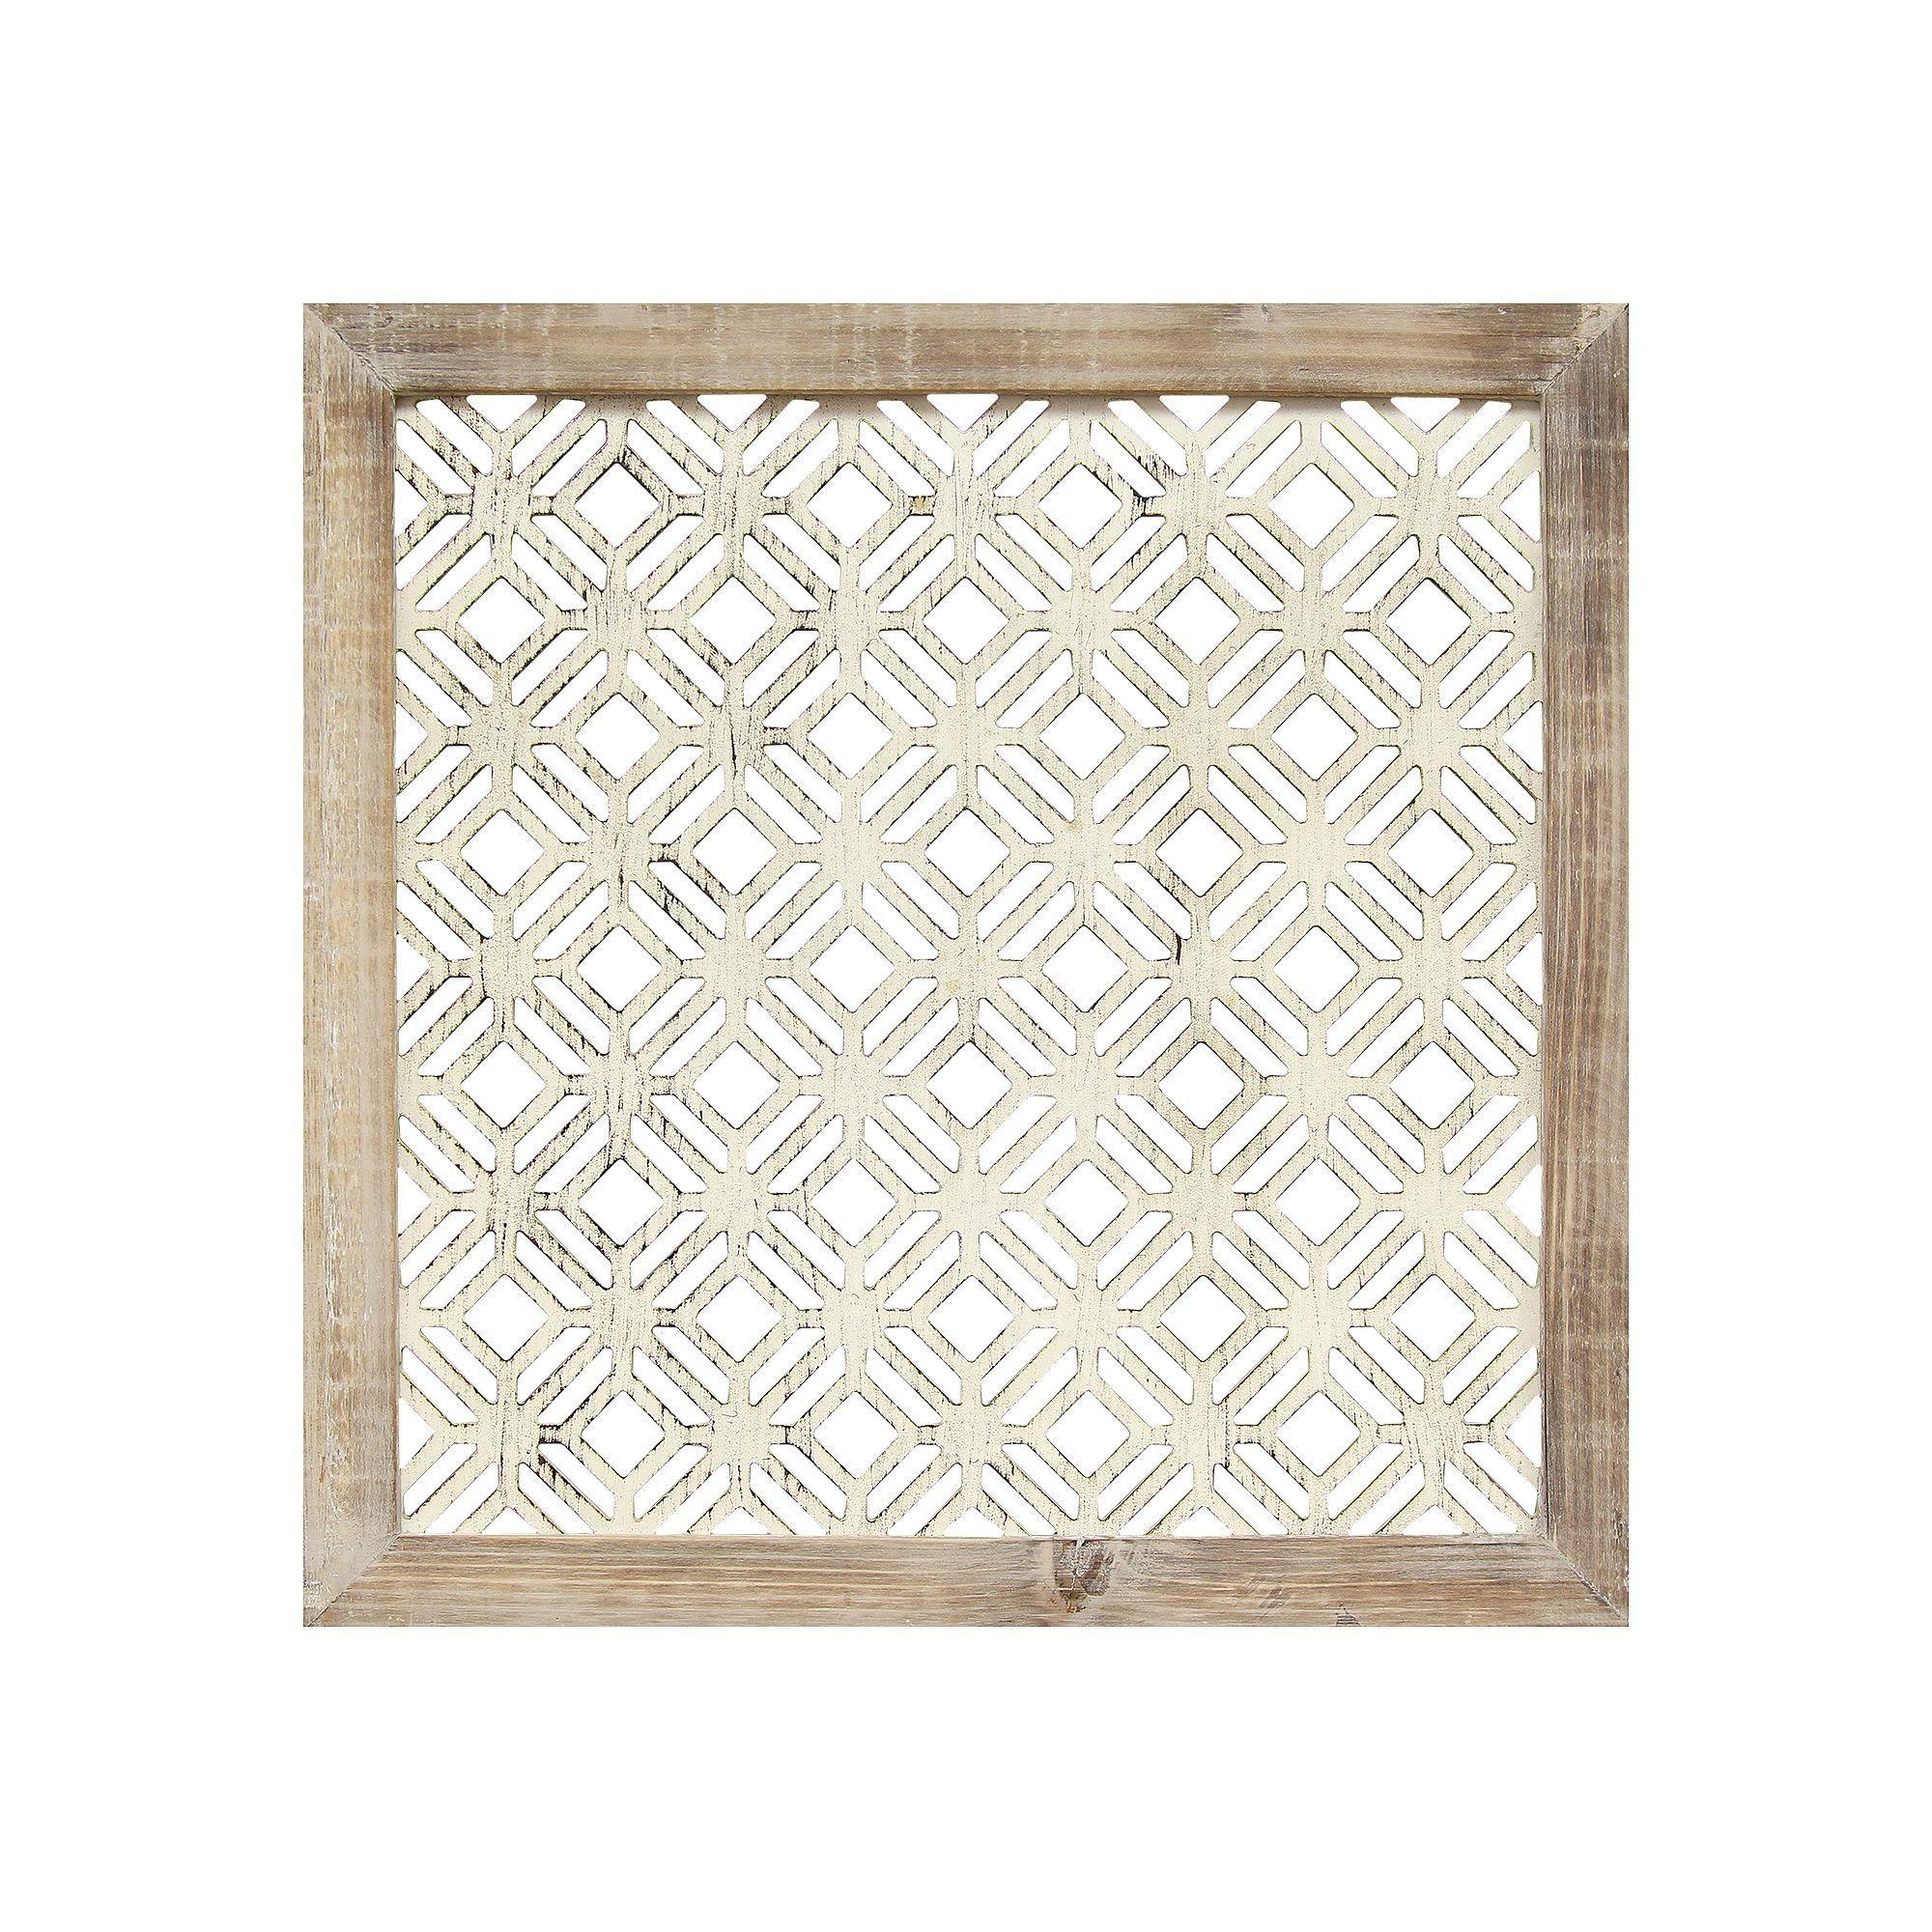 Stratton Home Decor Distressed White Geometric Wall Decor Frame Wall Decor Frames On Wall Wood Wall Decor